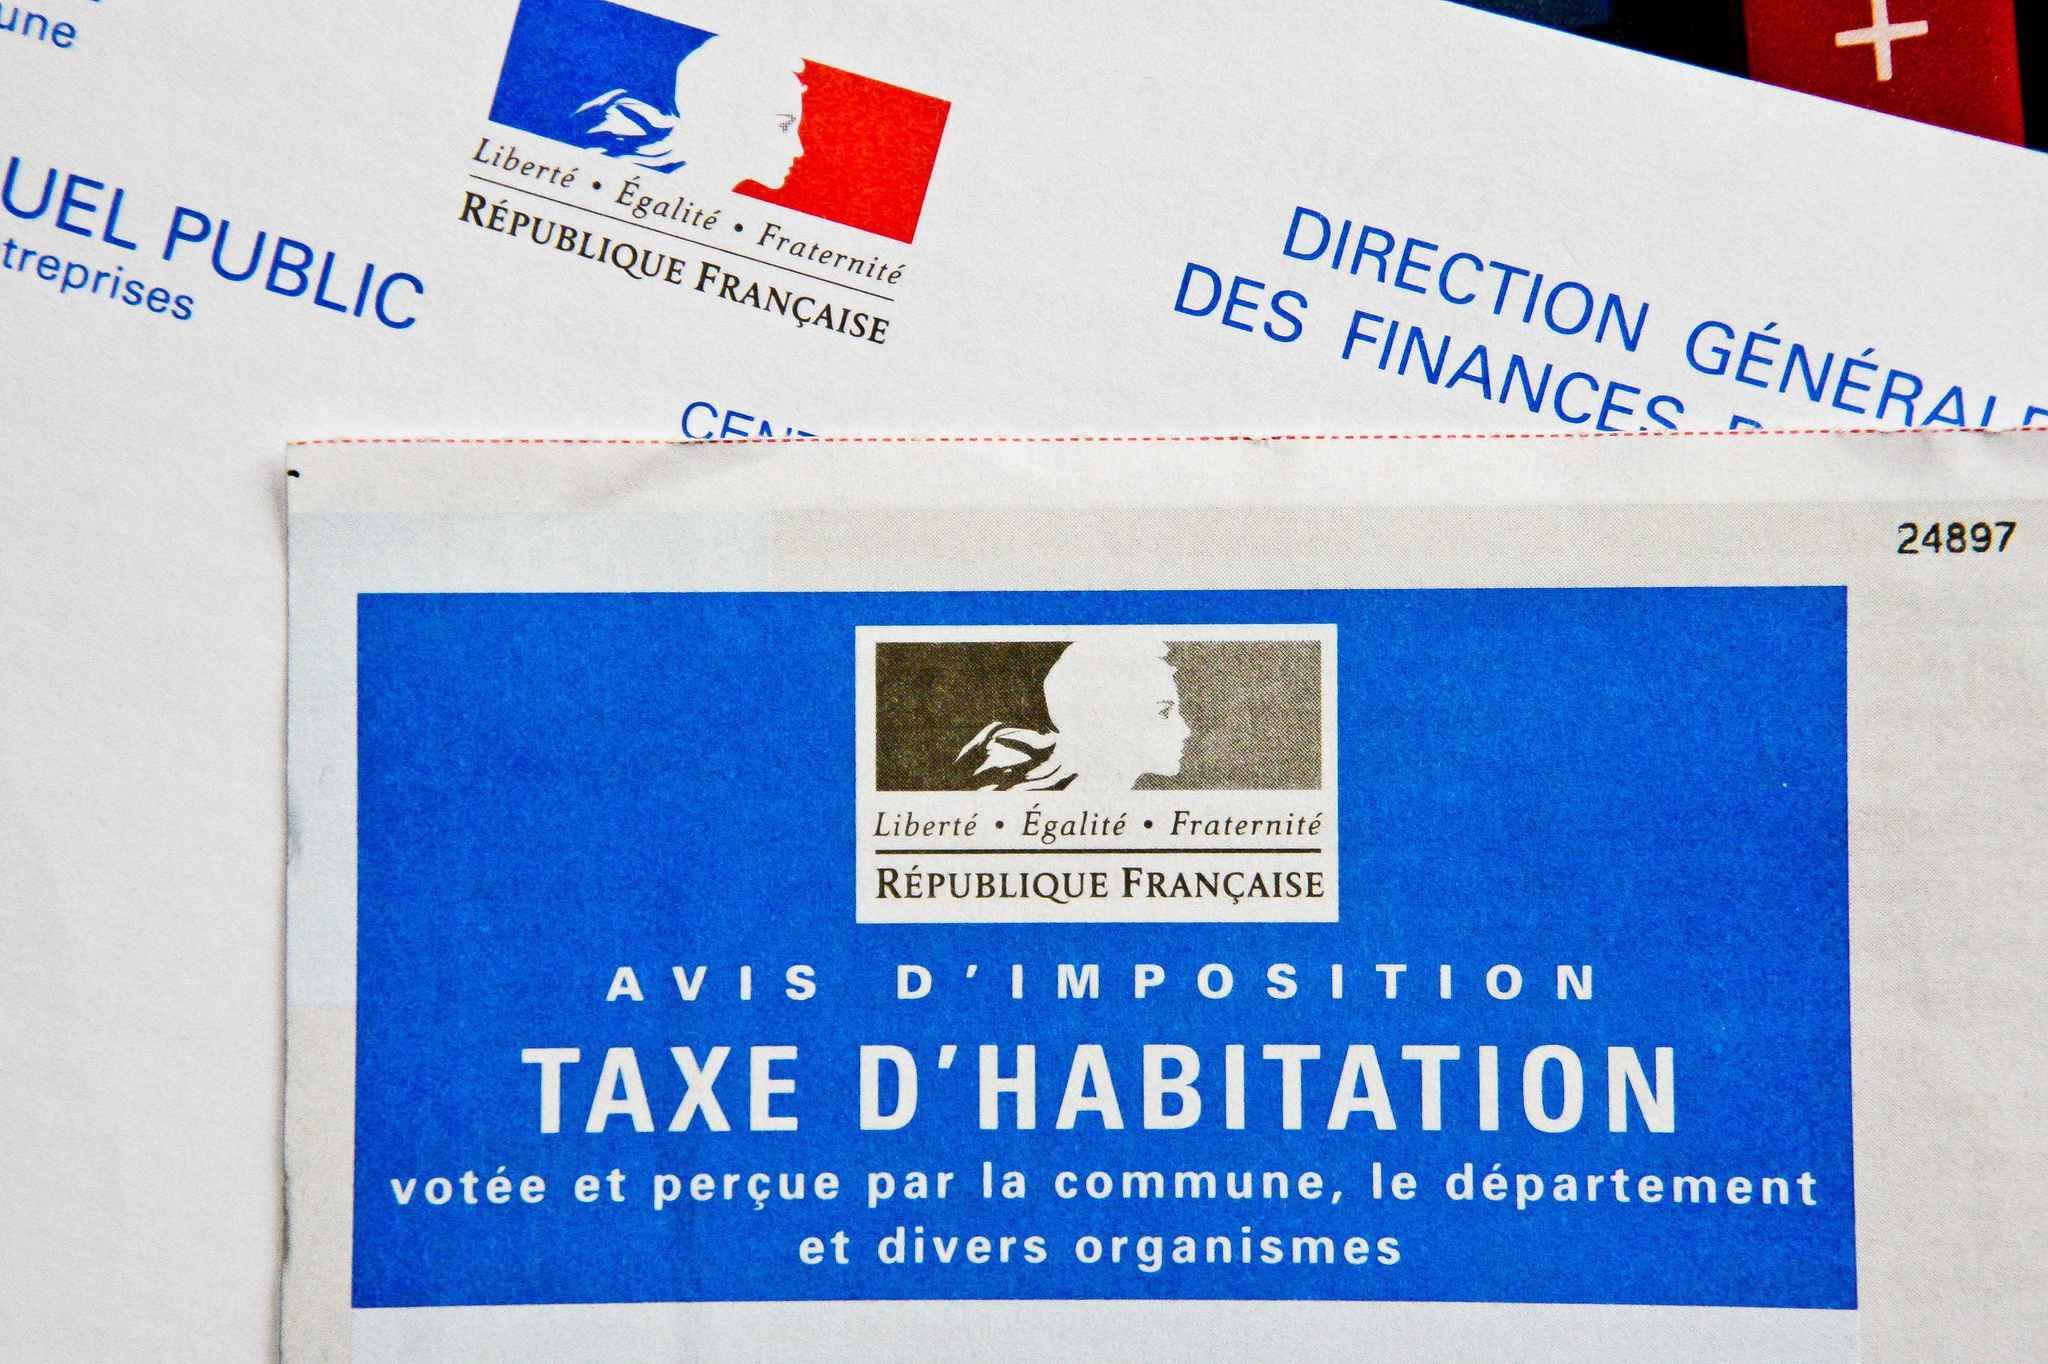 Immobilier taxe d 39 habitation jusqu 39 au 16 pour payer - Date reception taxe habitation ...